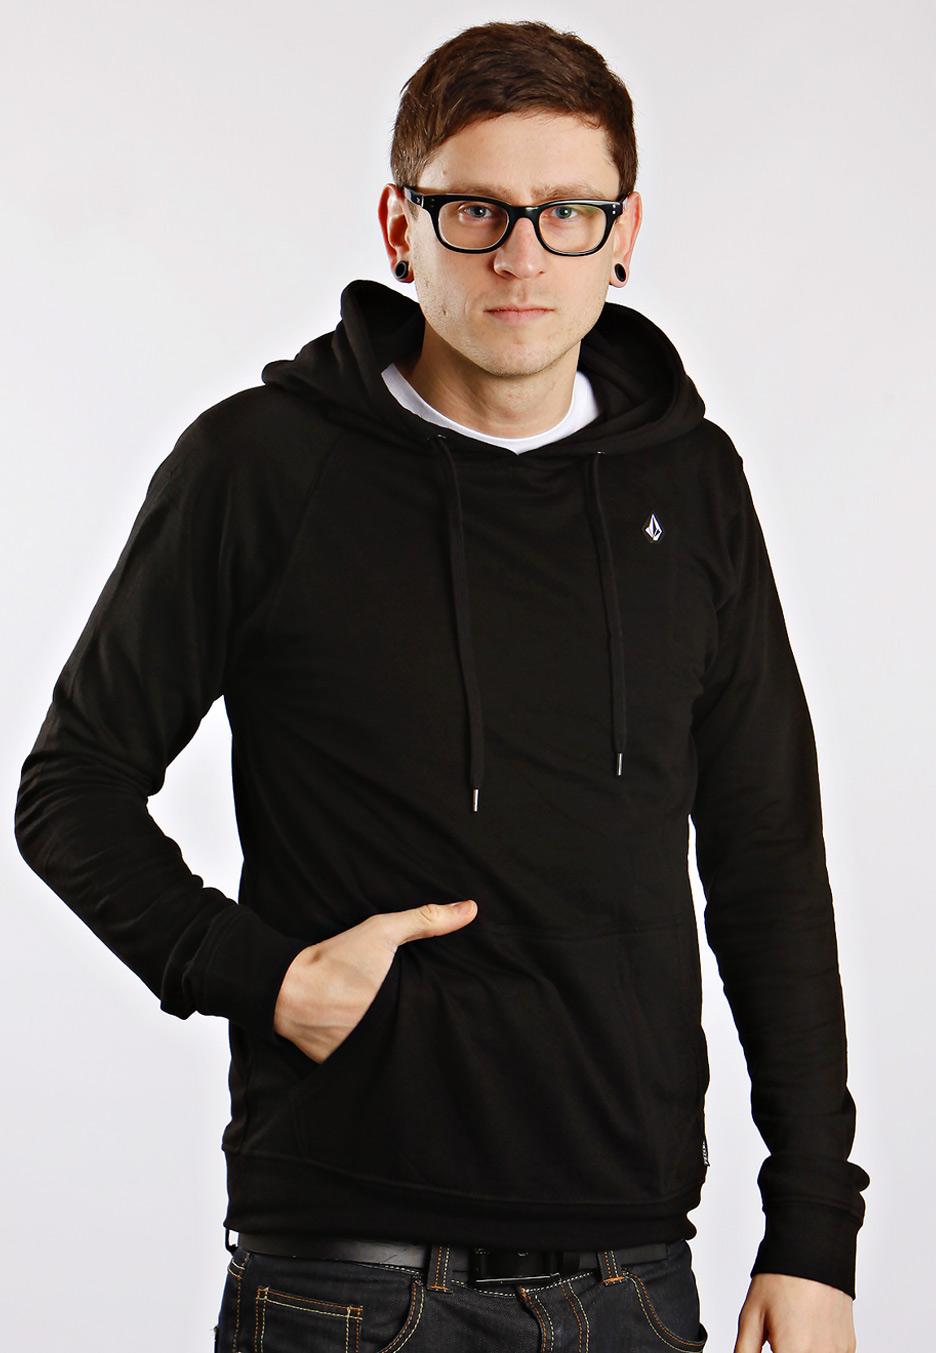 Volcom - Timelight Ultra Slim - Hoodie - Streetwear Shop ...